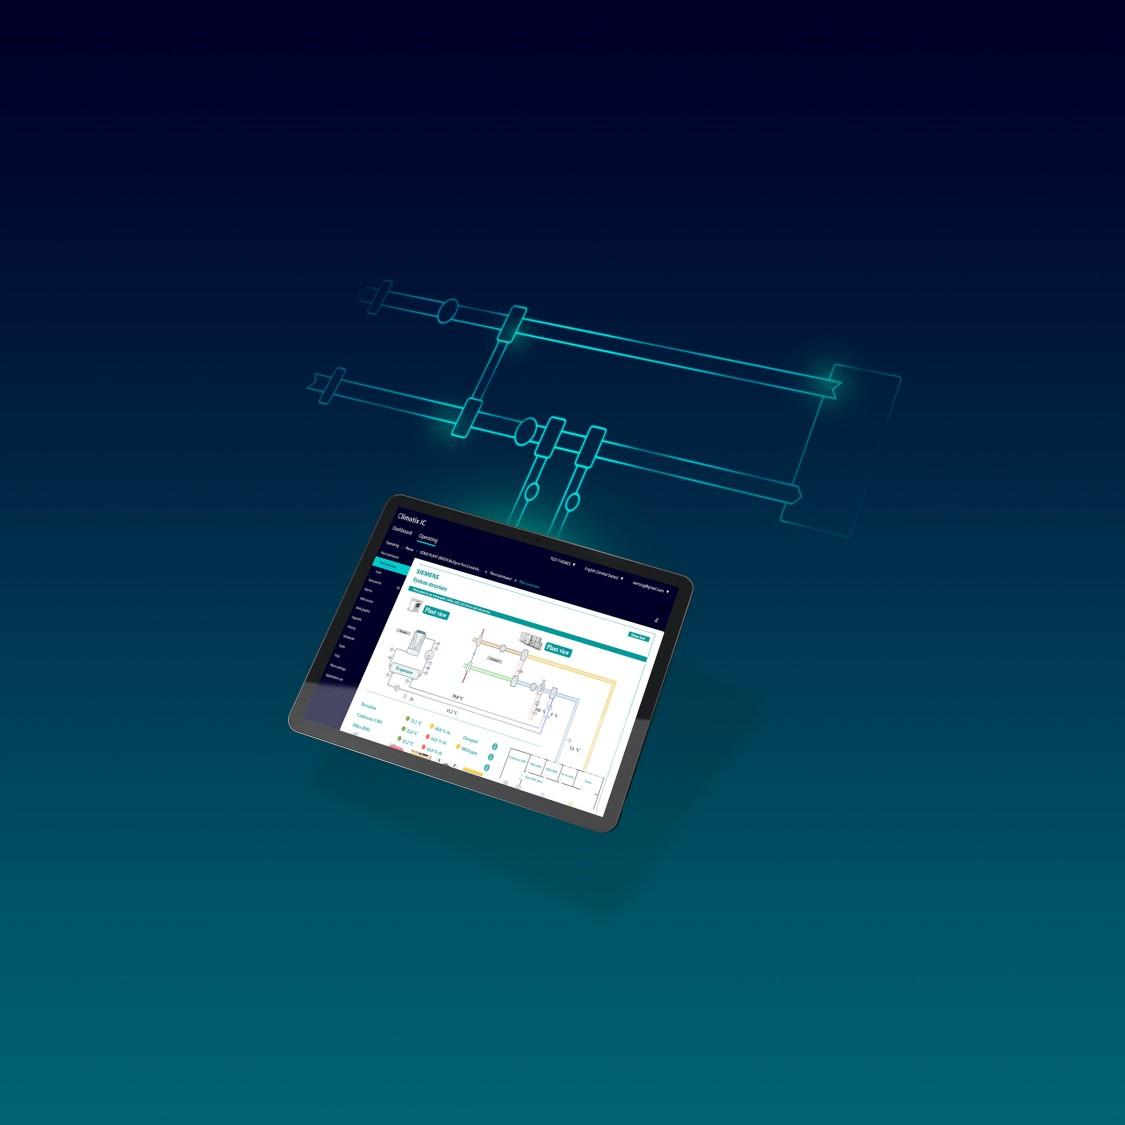 Climatix IC - облачное решение для удалённого доступа и обслуживания